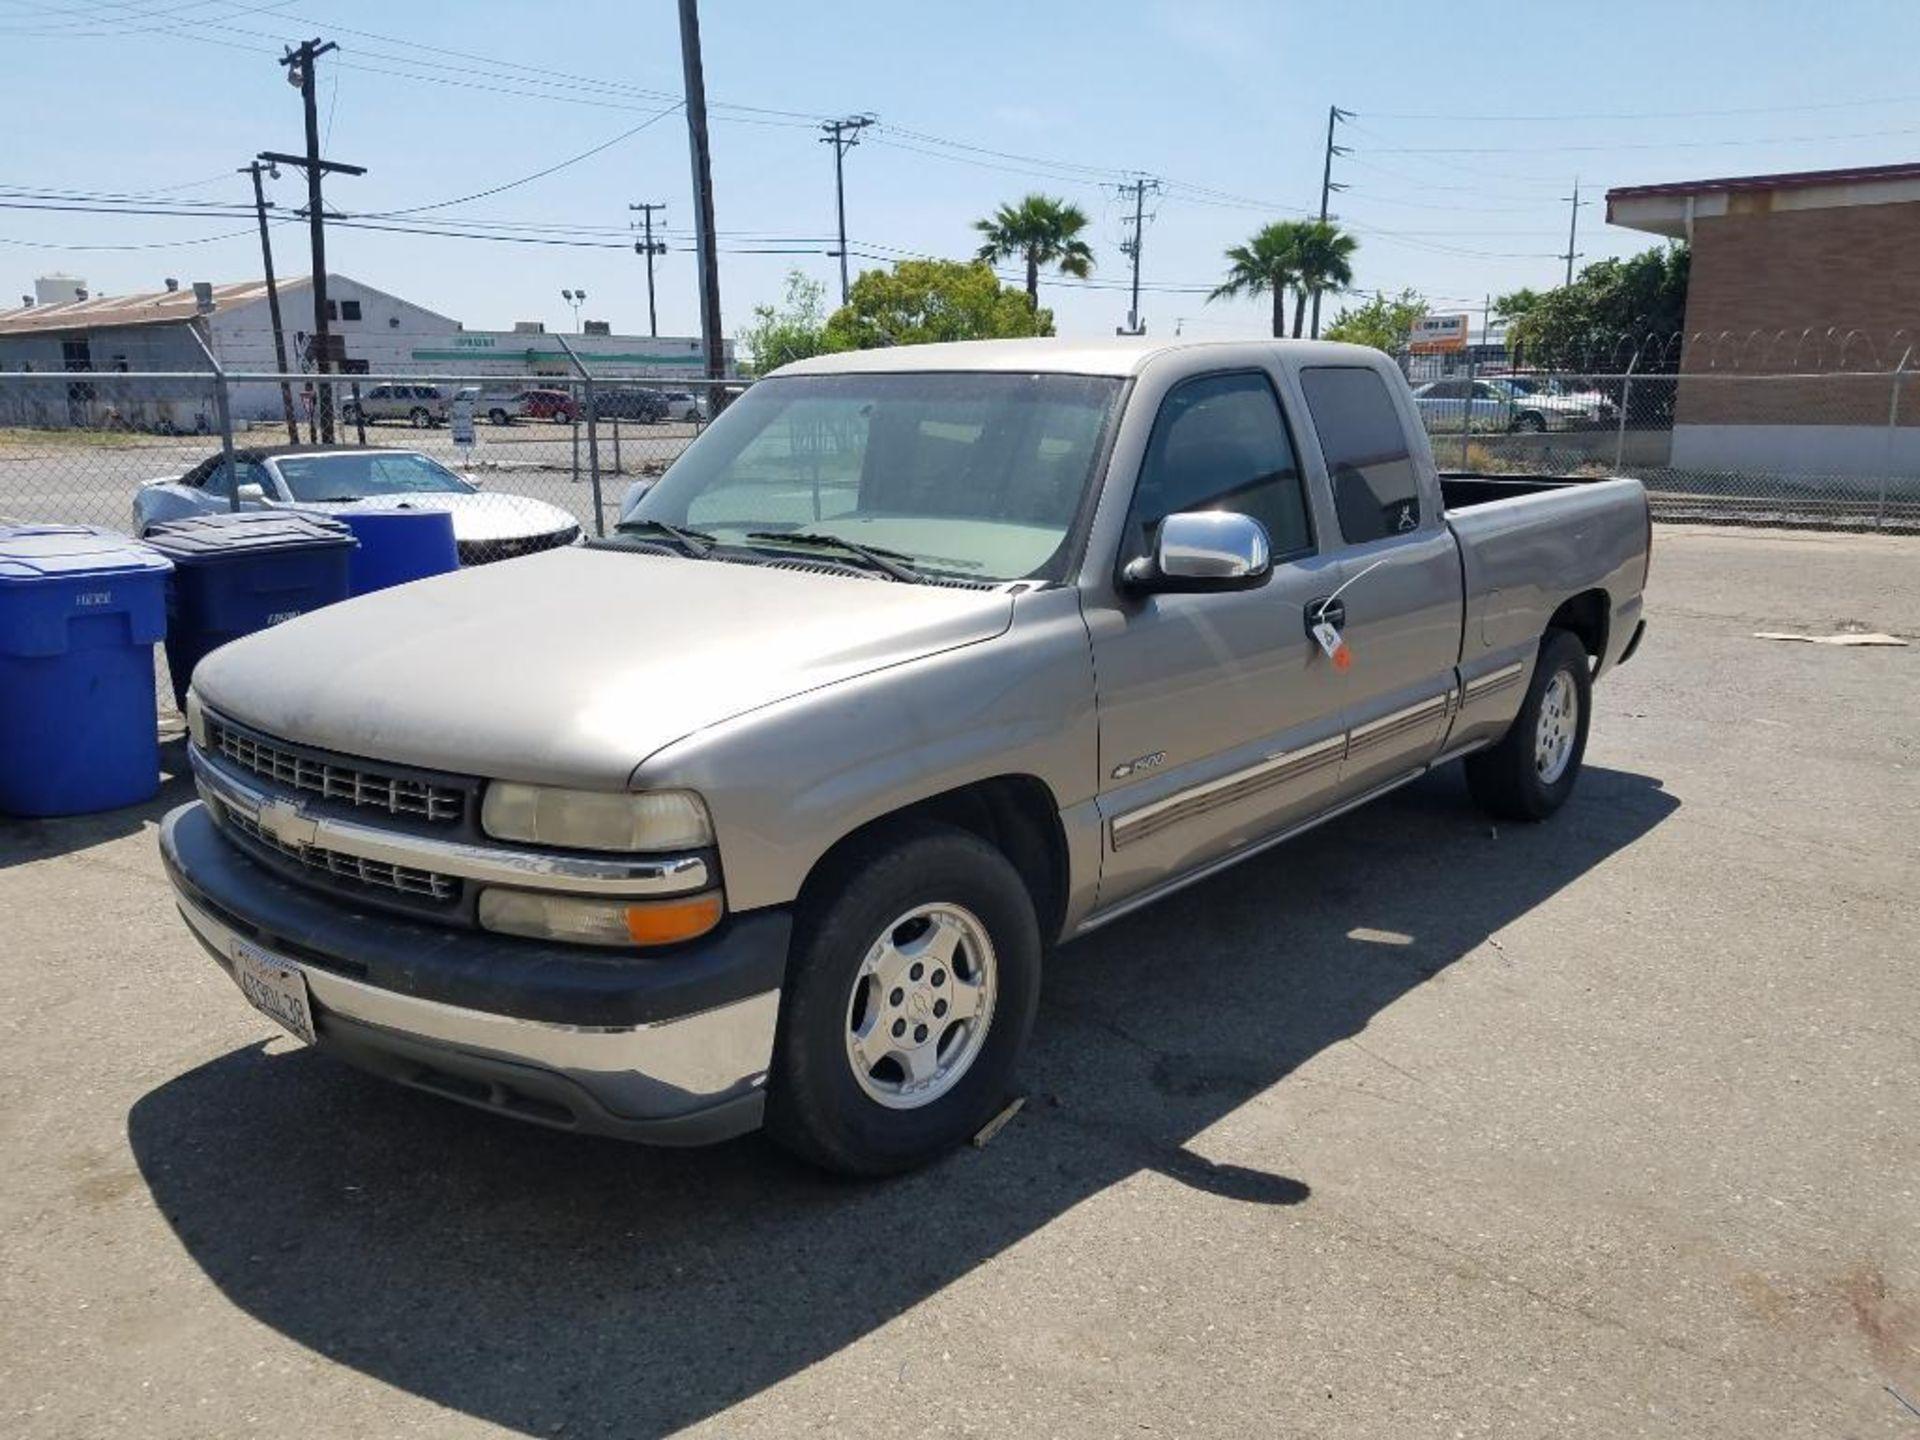 2000 Chevrolet Silverado 1500 LS - Image 18 of 27